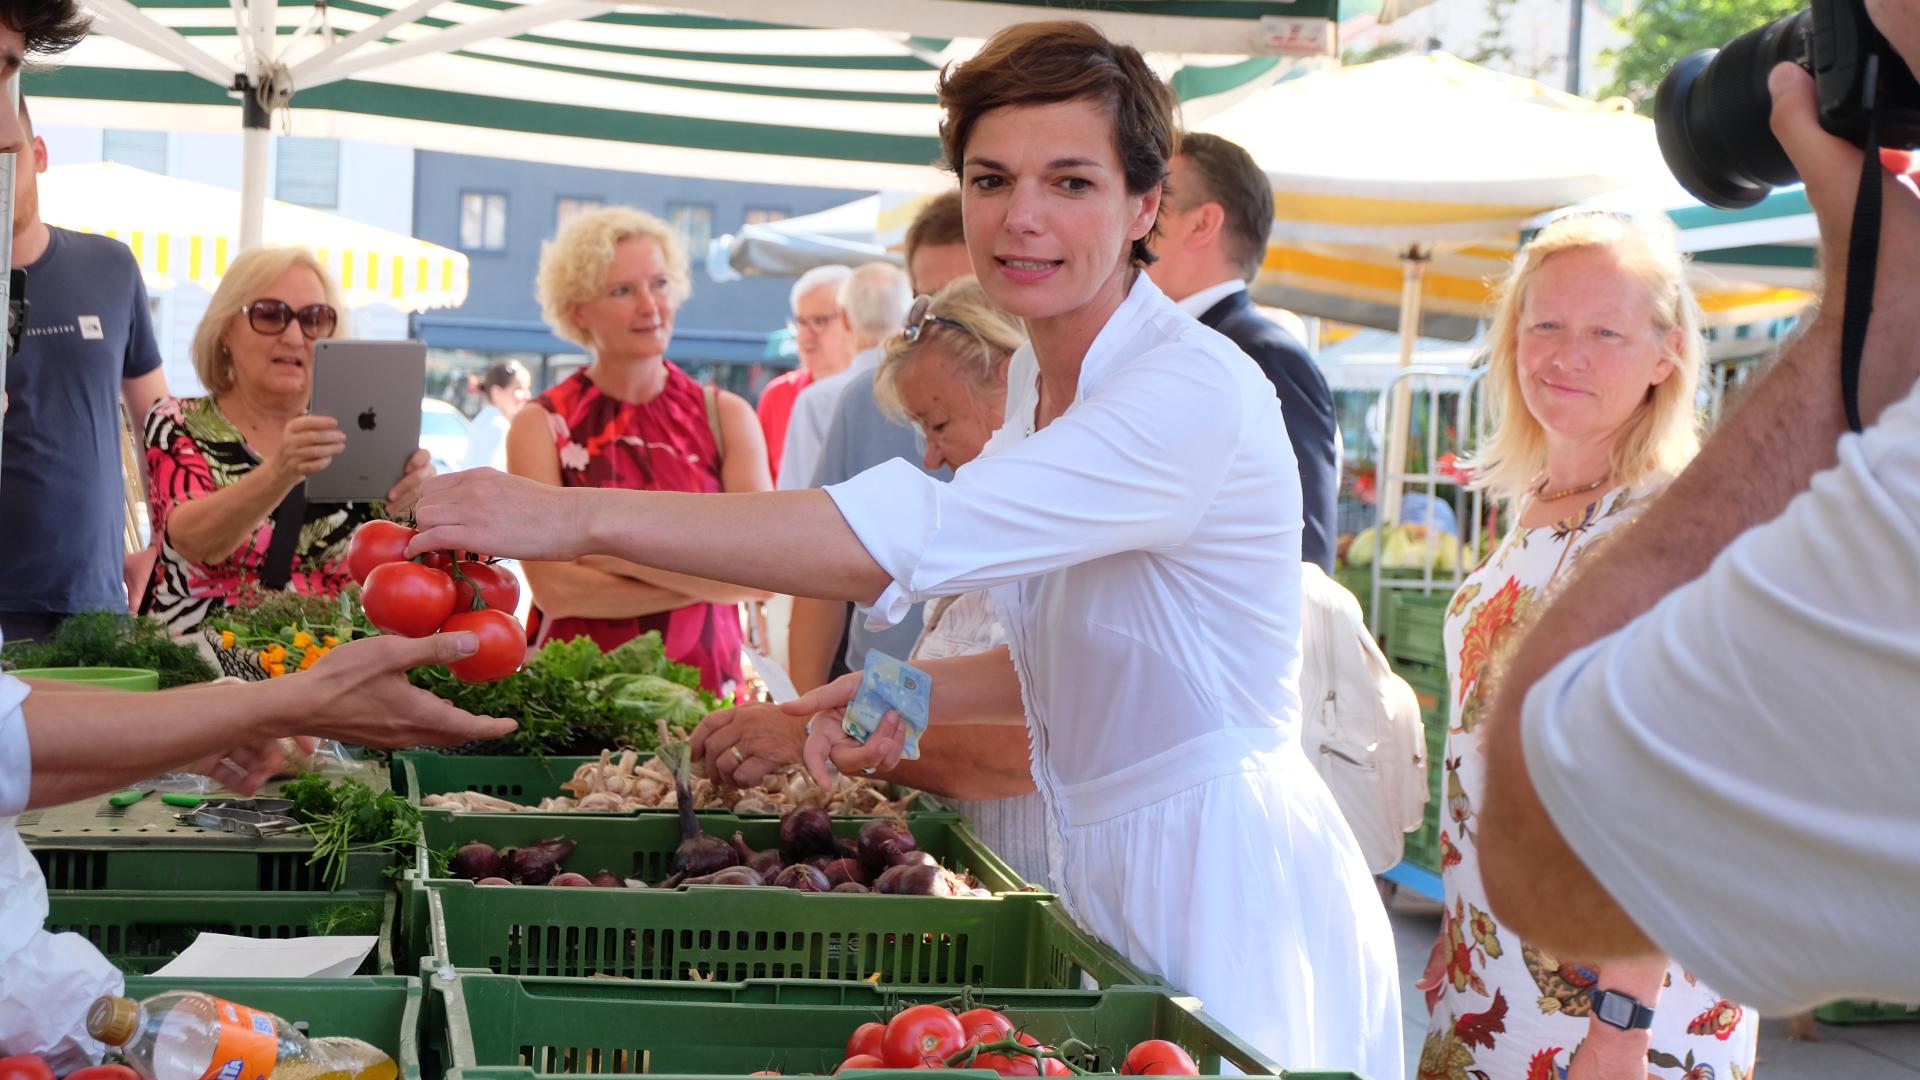 Pamela Rendi Wagner-Österreich-Politik-Graz-Steiermark-Bauernmarkt-NRW19-Wahl 2019-SPÖ